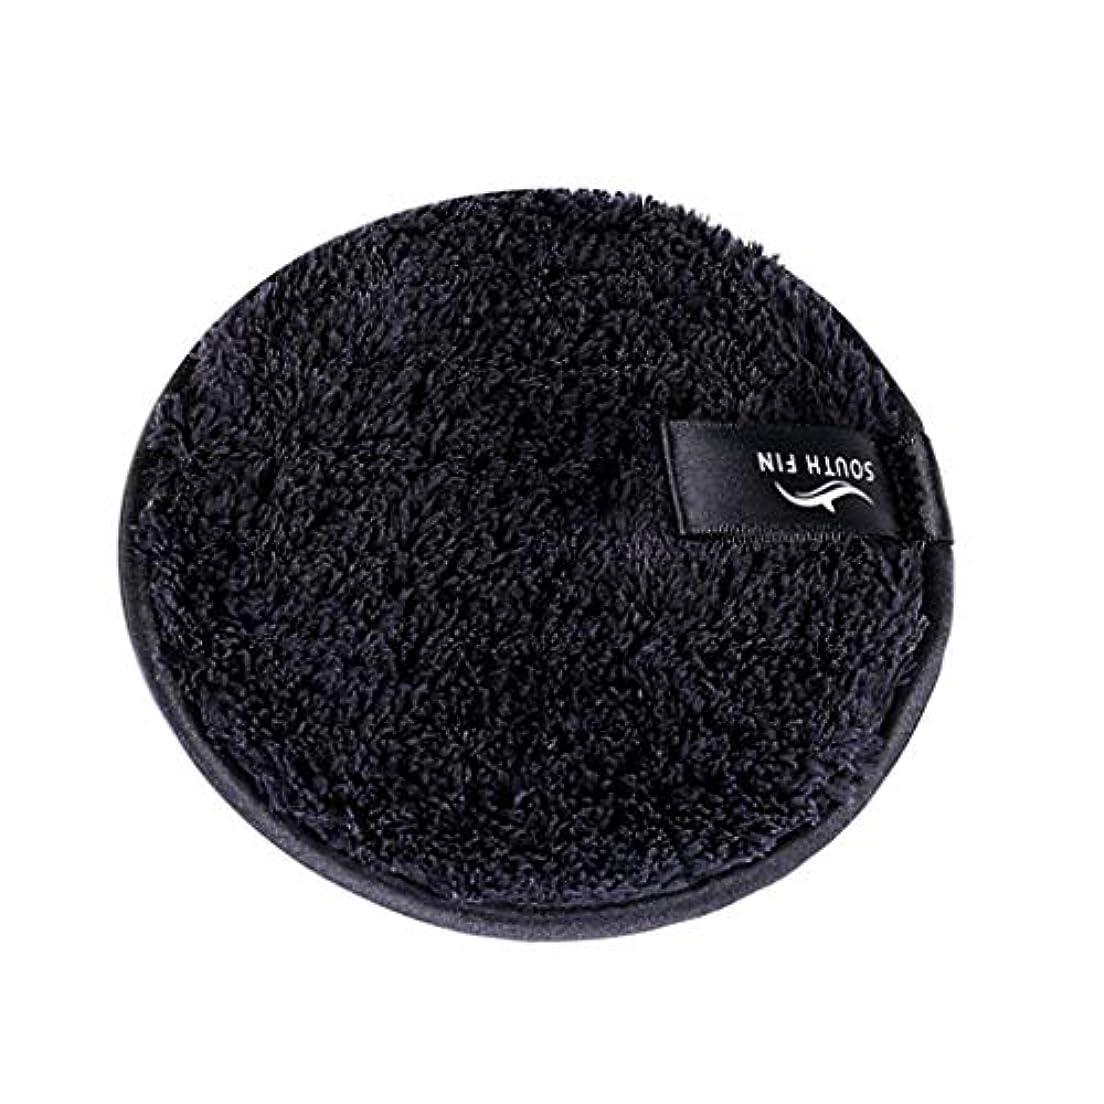 コンベンション頭同一性メイクリムーバー スポンジ パッド クレンジングパフ 洗顔 スキンケア 3色選べ - ブラック